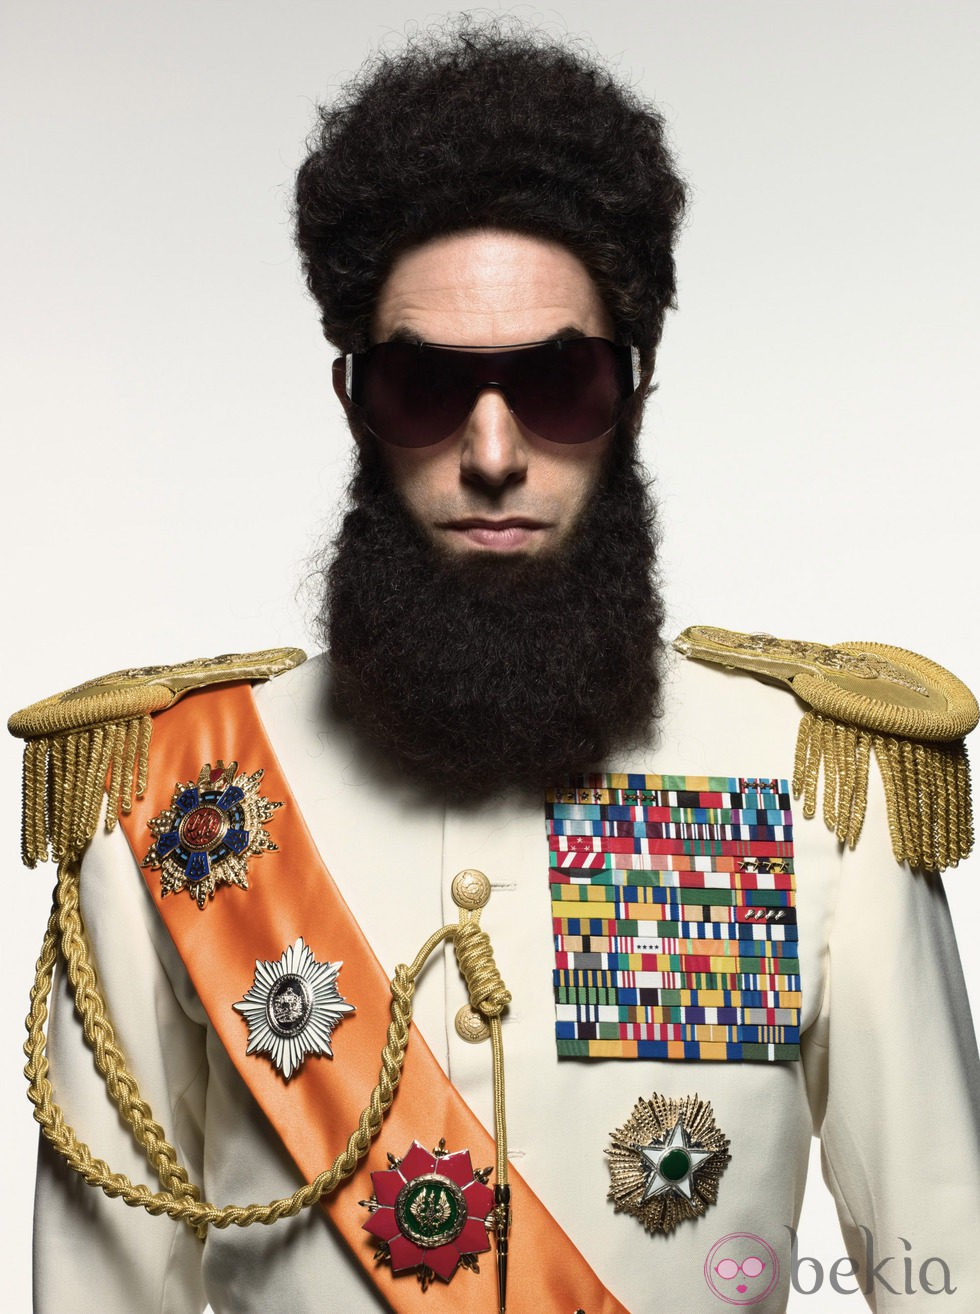 Sacha Baron Cohen presenta a 'El Dictador', su nuevo personaje 776_sacha-baron-coen-en-el-dictador